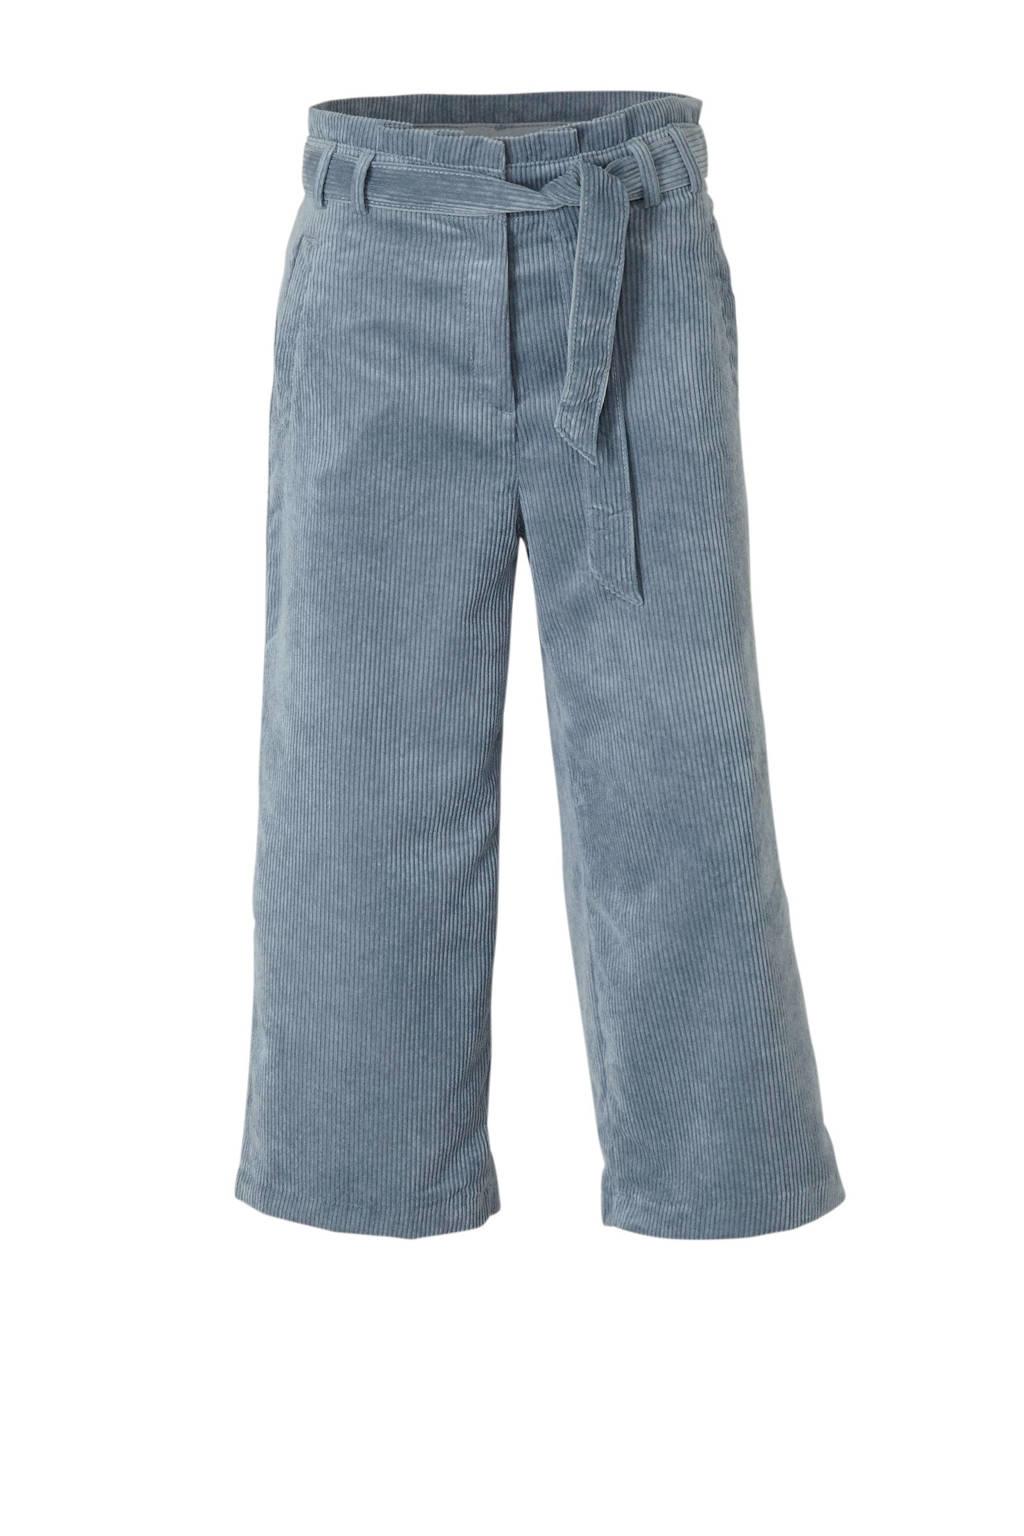 edc Women corduroy high waist culotte met textuur lichtblauw, Lichtblauw